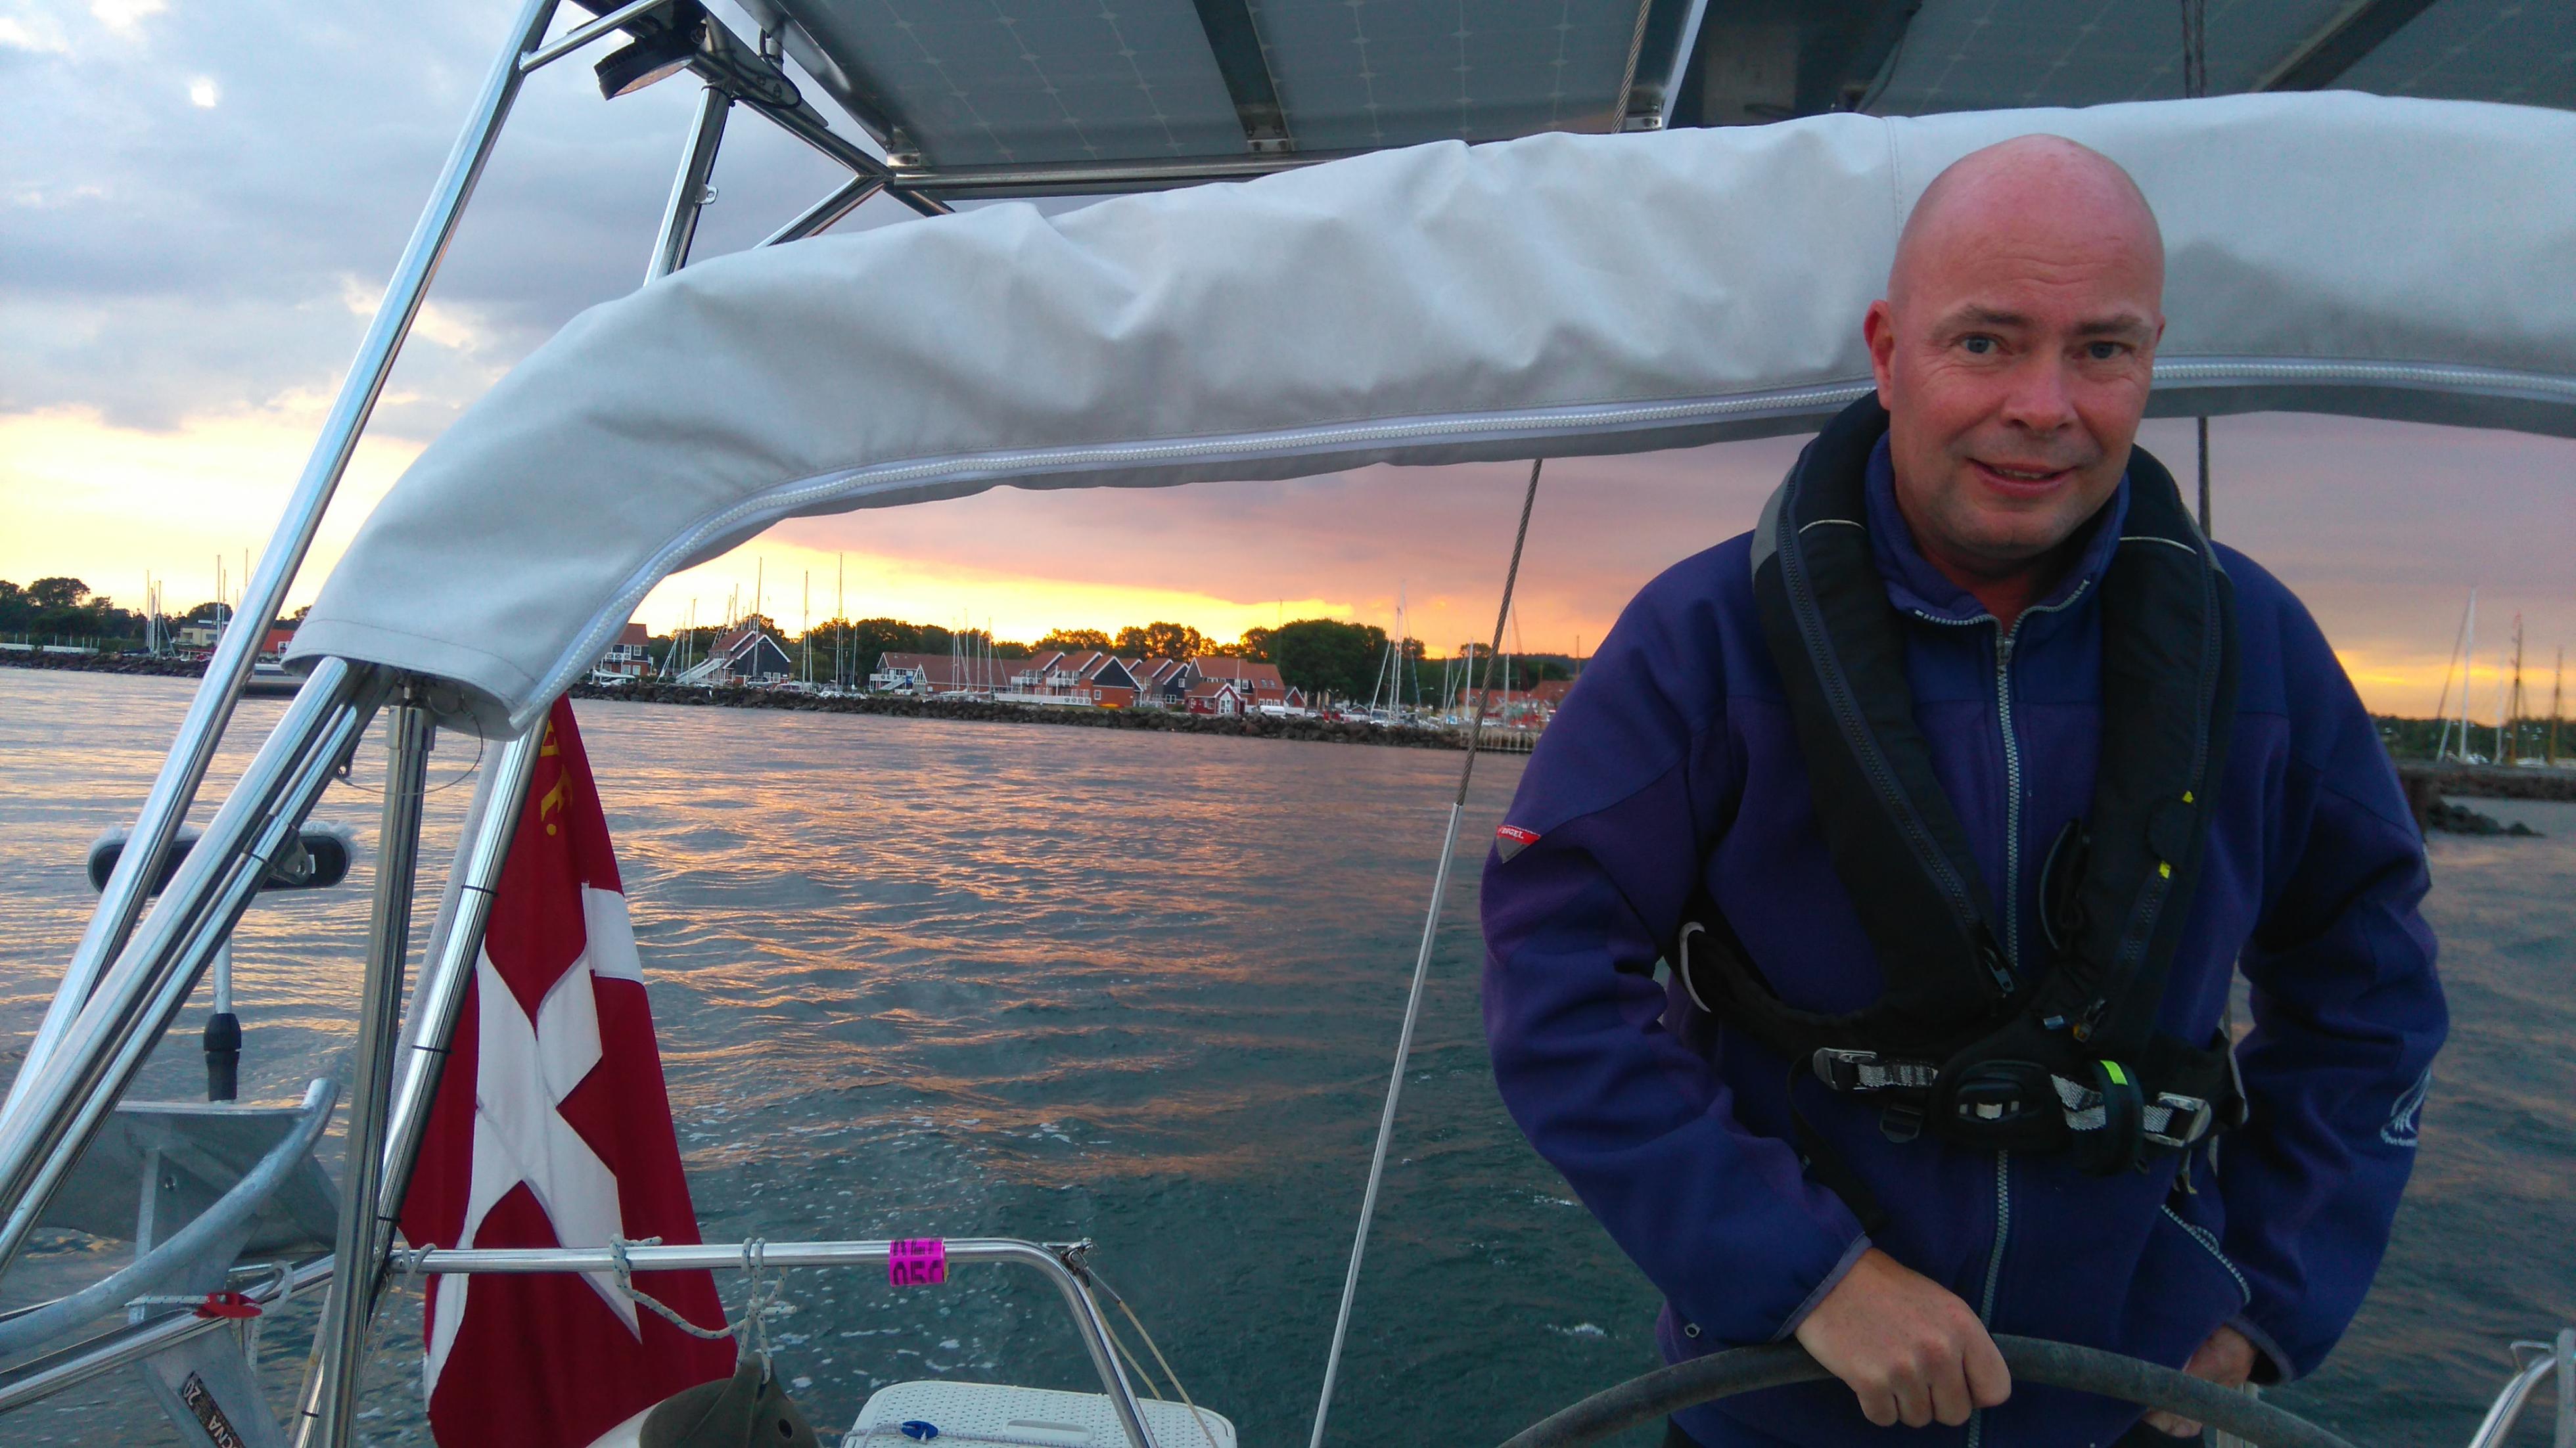 Søvning skipper